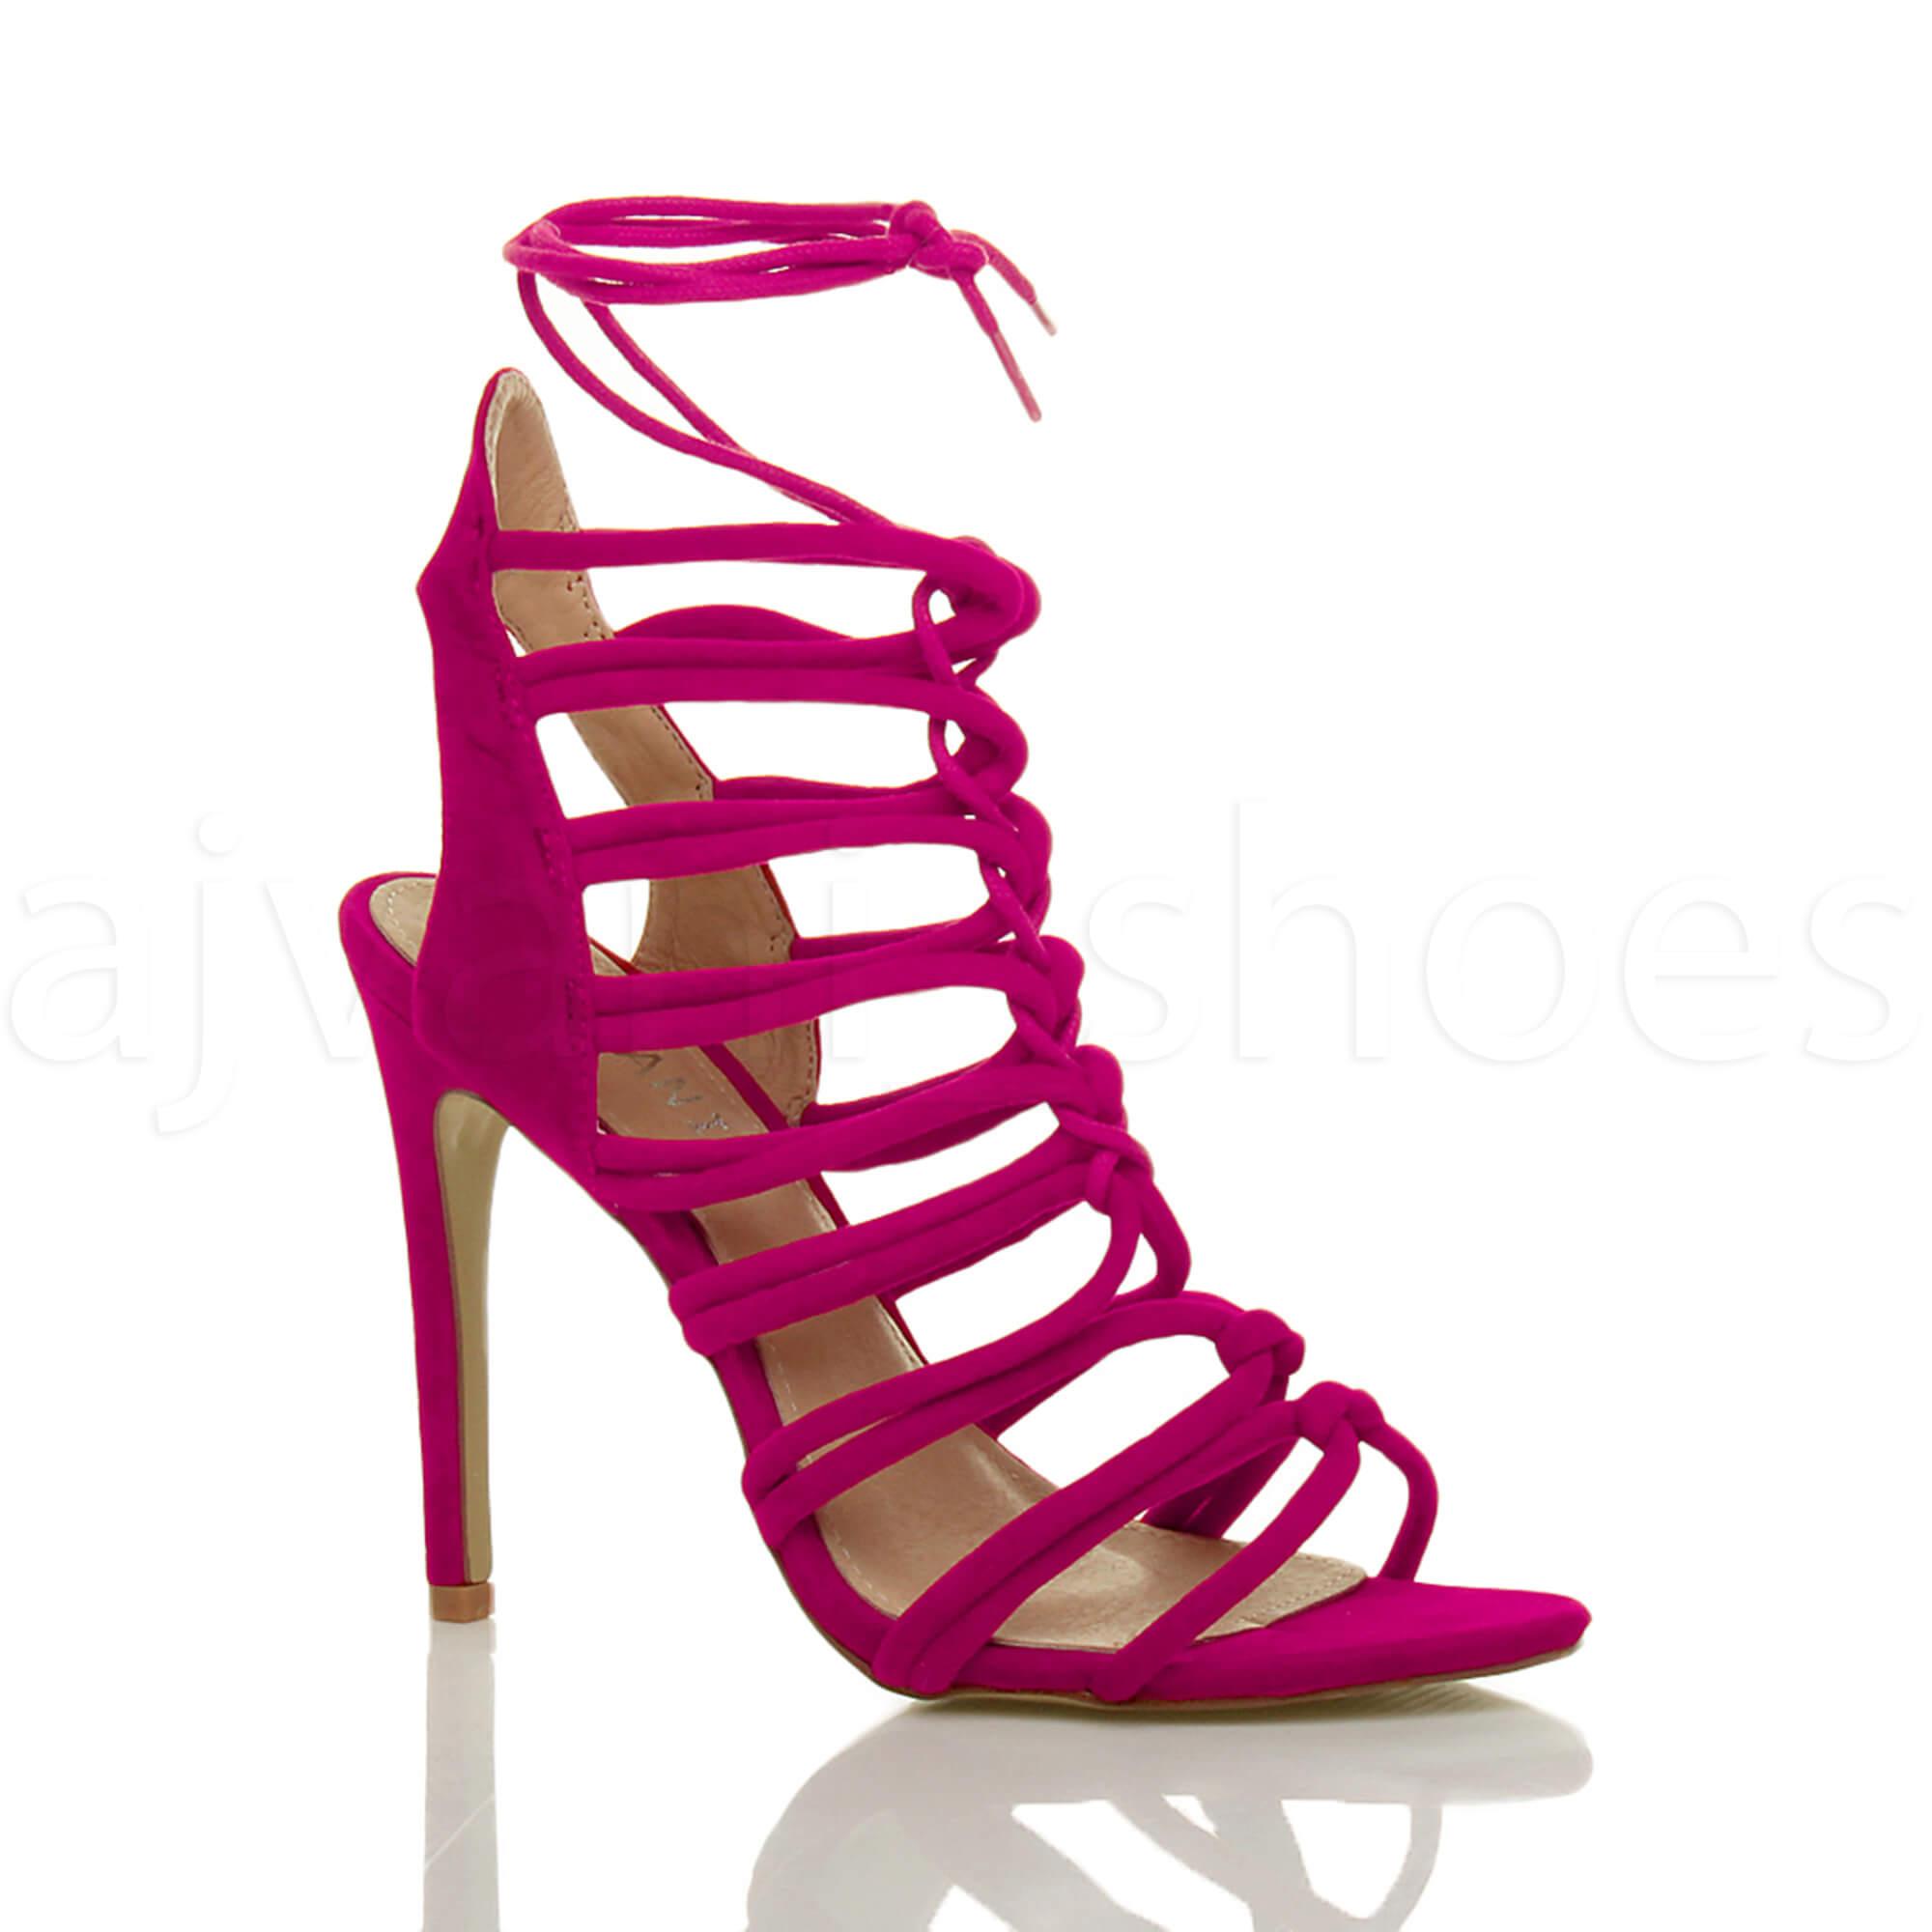 Damen Hoch Absatz Reimchen Ausgeschnitten Schnür-Pumps Sandalen Schuhe Größe 3 36 fn6TszNxvW